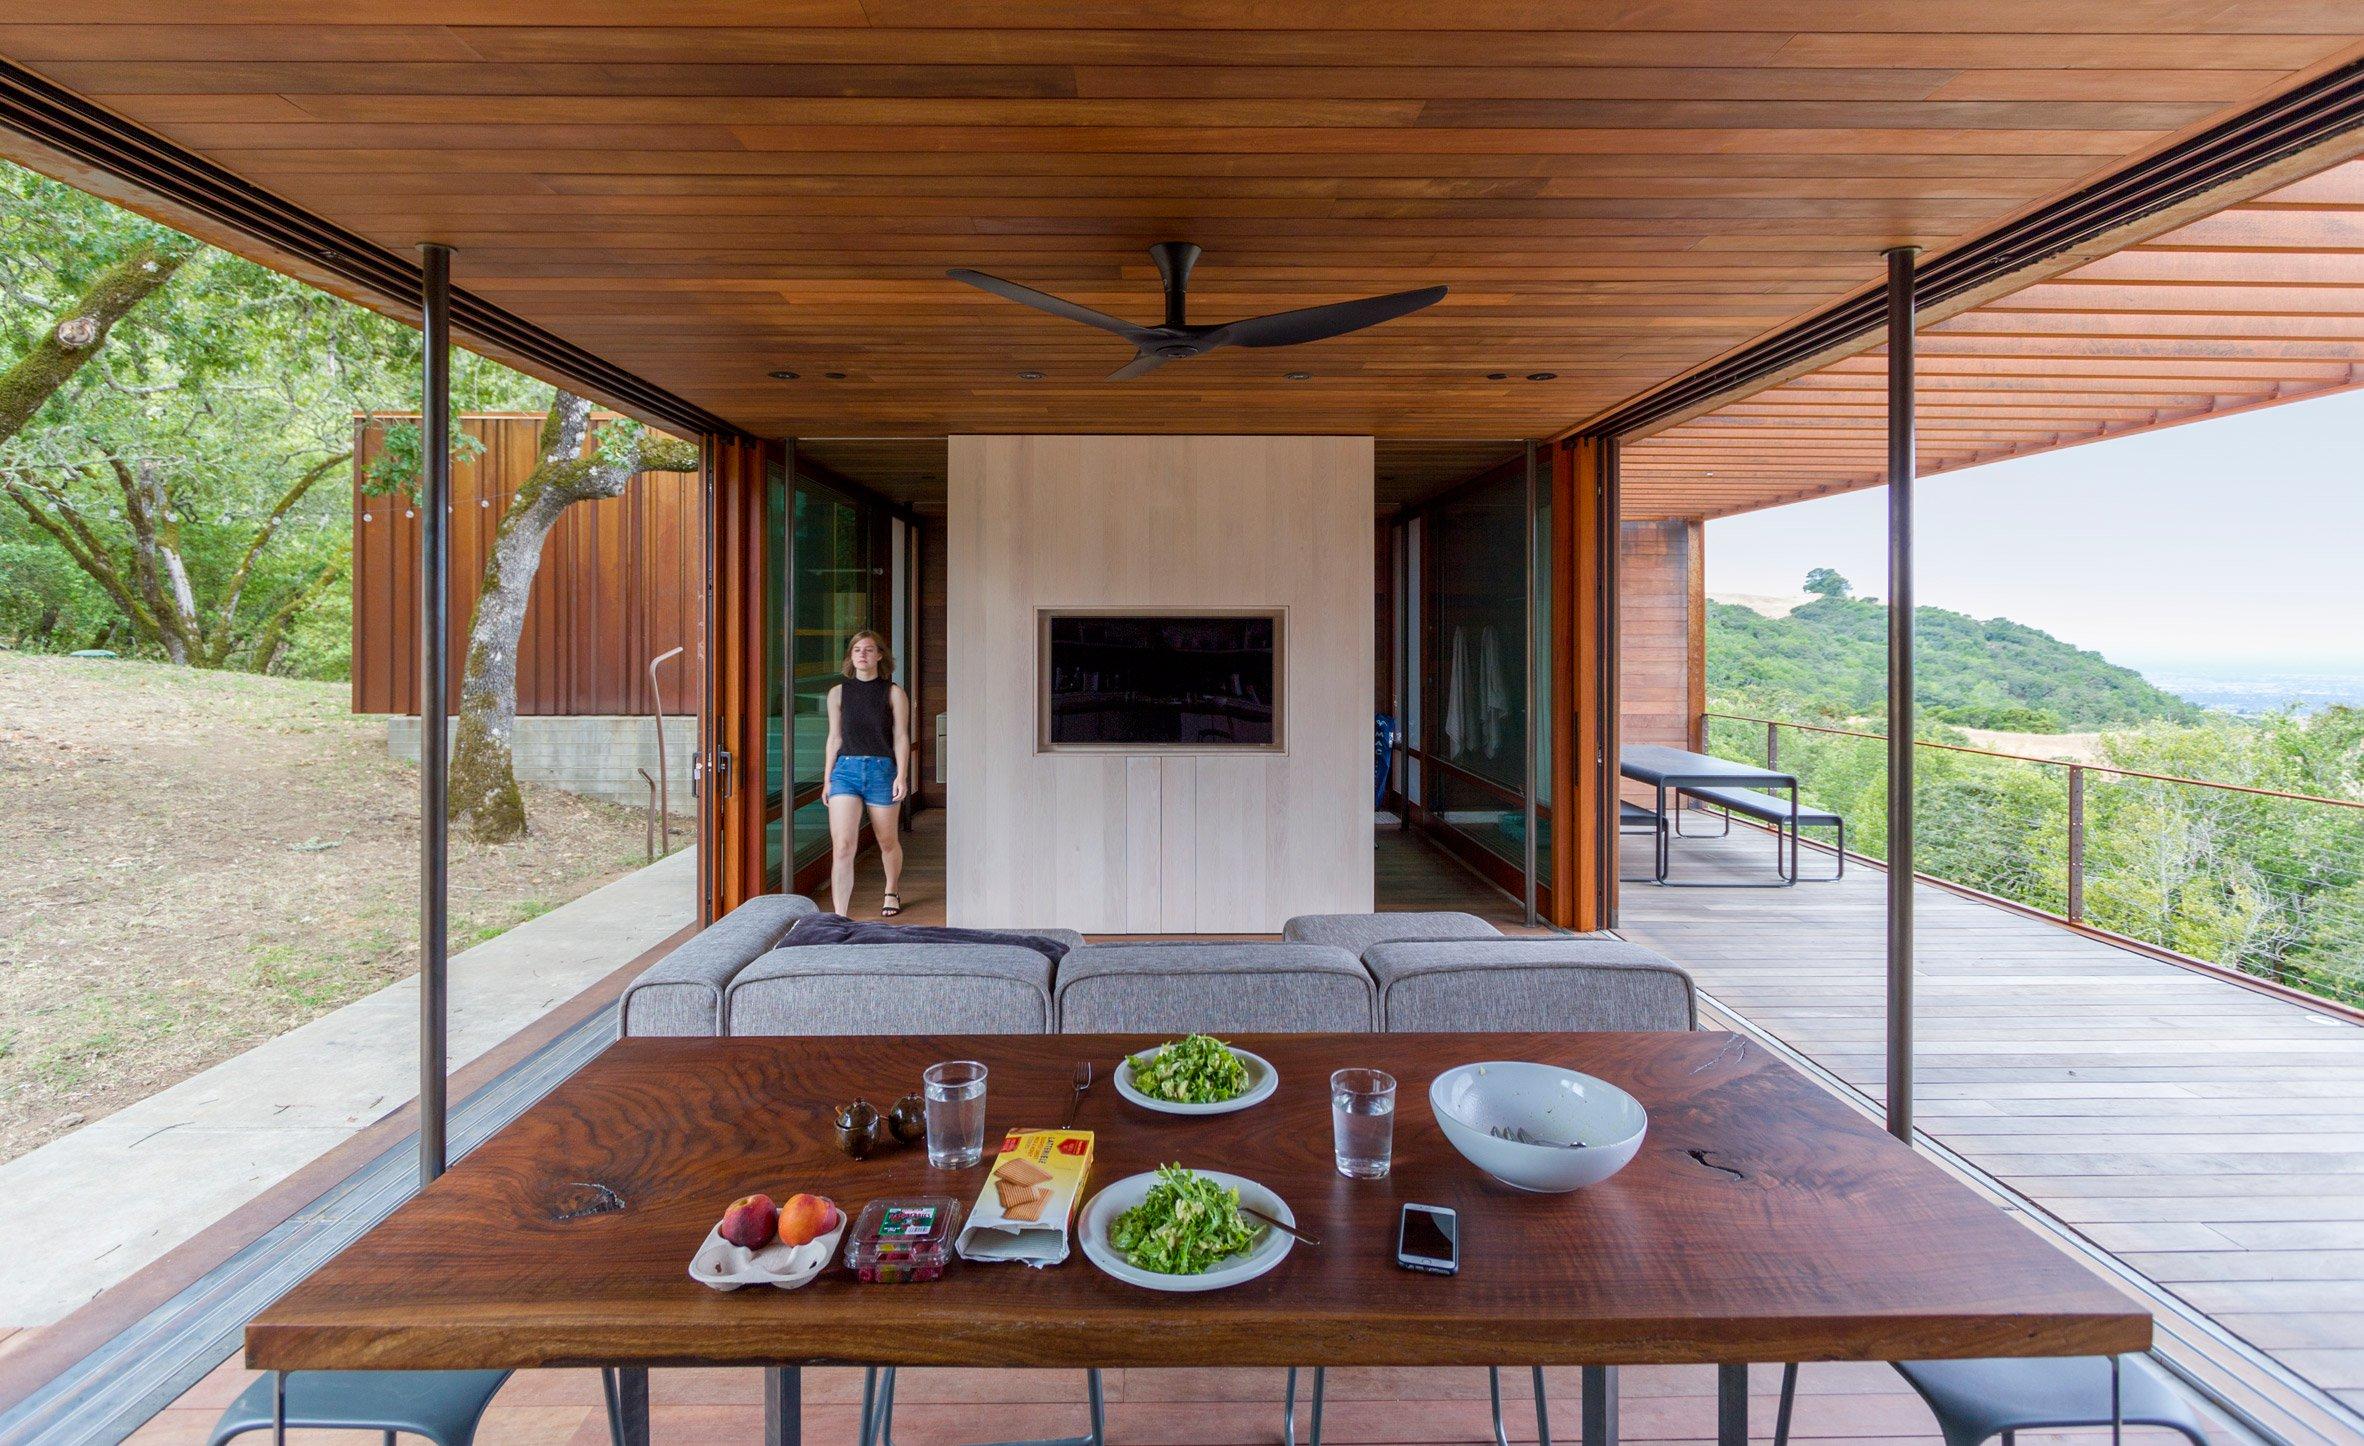 5-casa-na-california-e-feita-de-modulos-de-aco-pre-fabricados